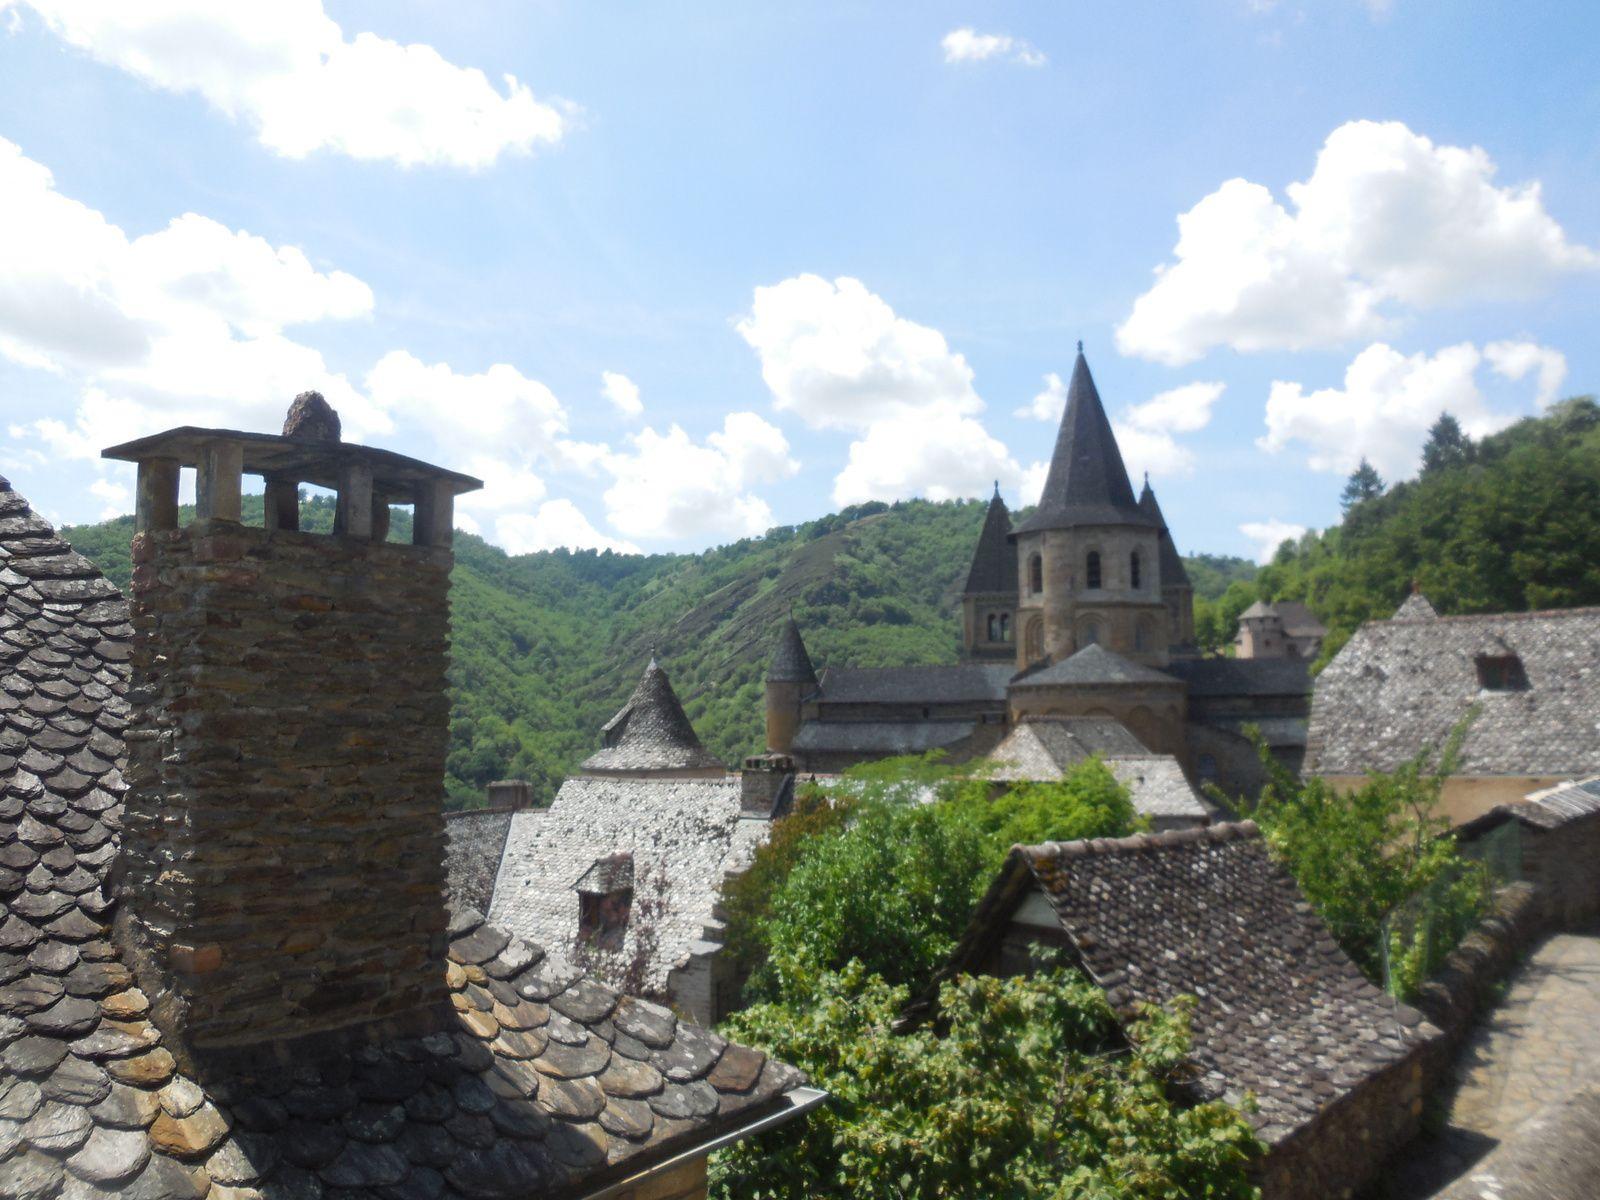 Toitures en lauze et façades en pierre à bâtir (schiste)...